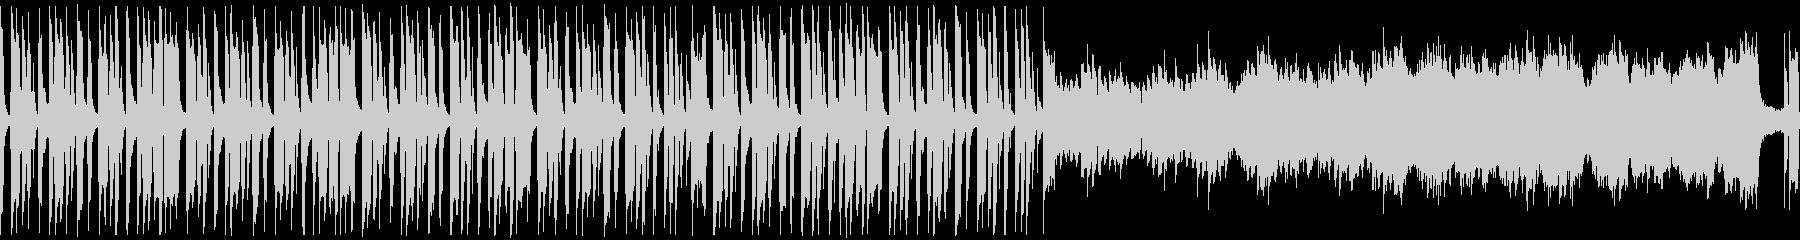 ほのぼのかわいい日常系BGM ループ版の未再生の波形